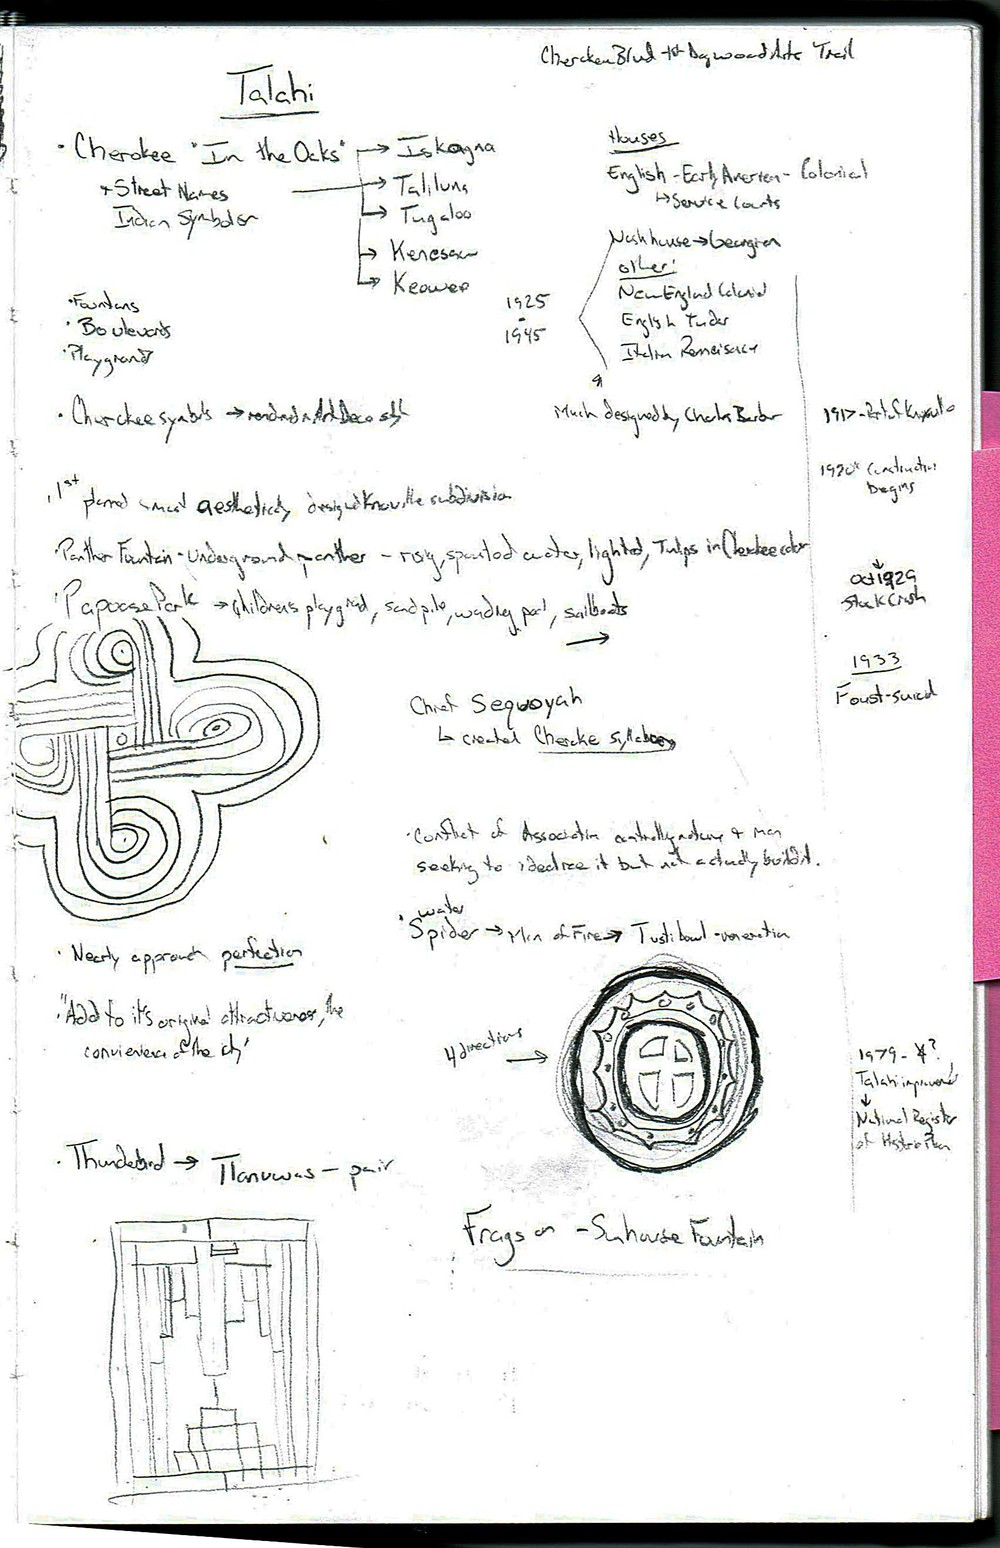 Talahi Sketches 3.jpg